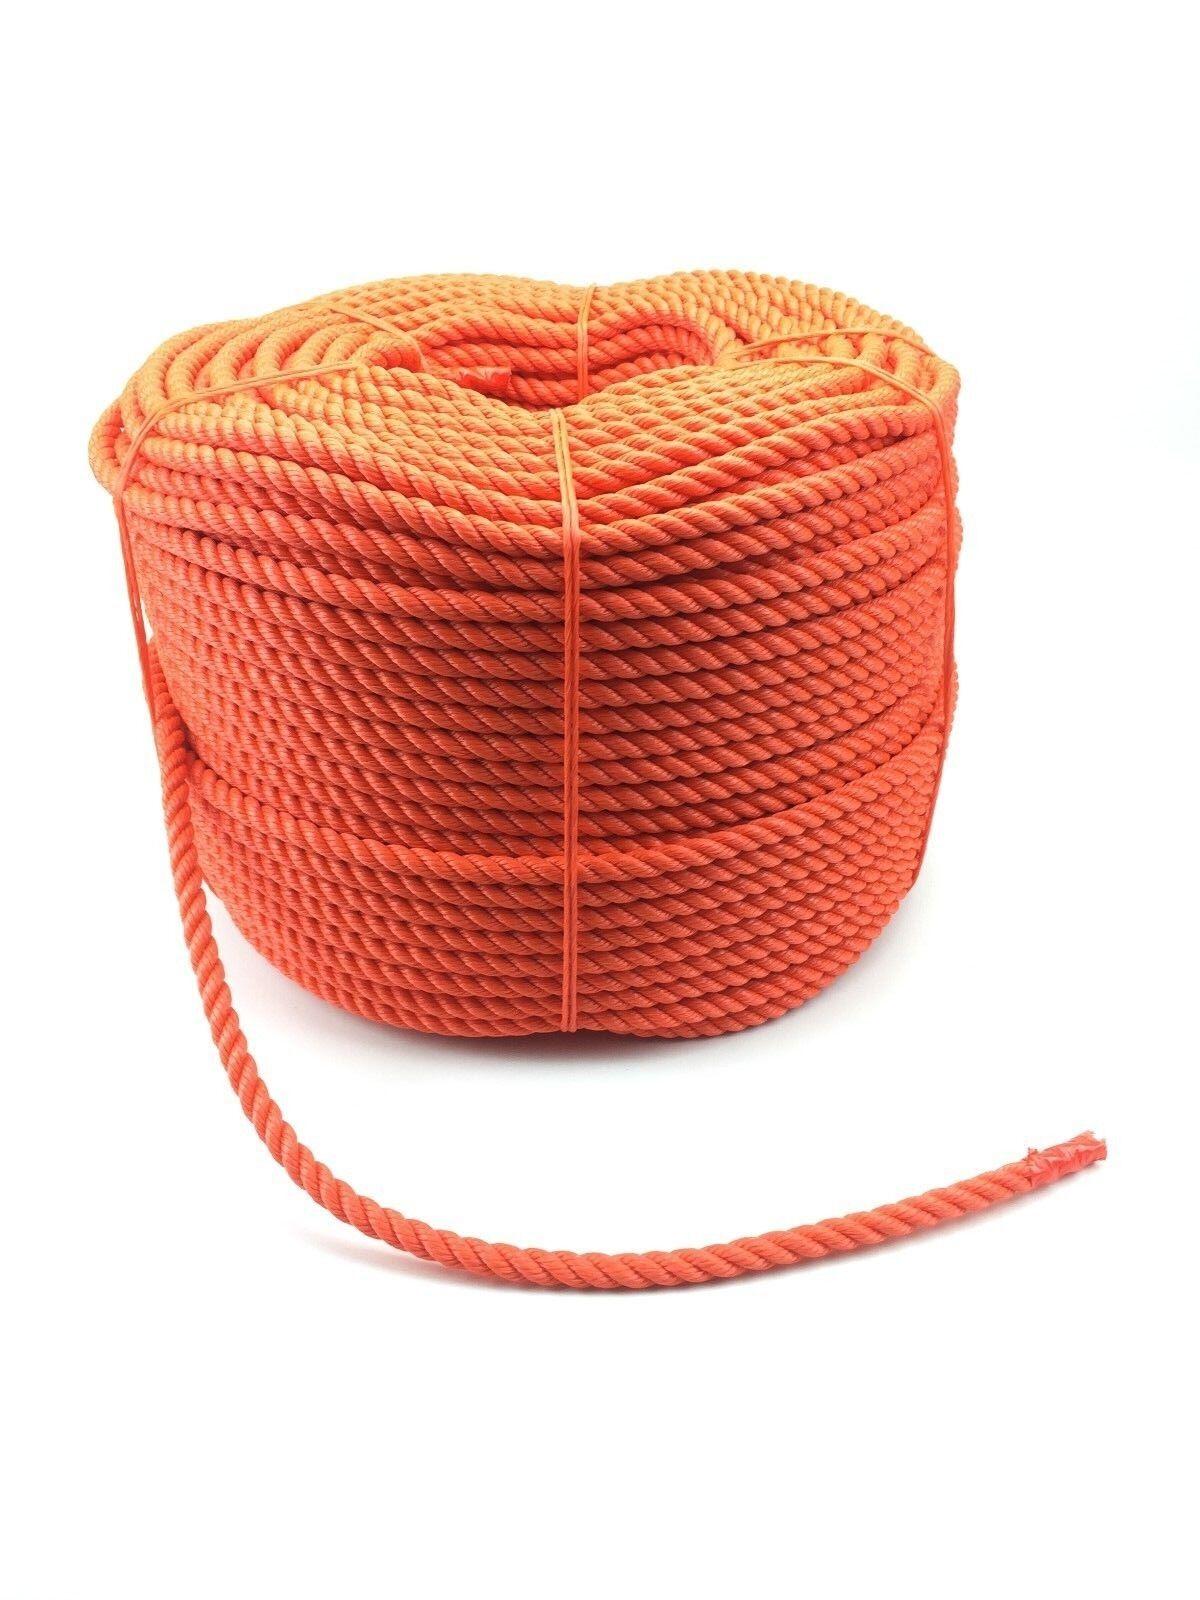 14mm x 100mts orange Polyethylene Rope Cord Floating Safety Life Line Buoy